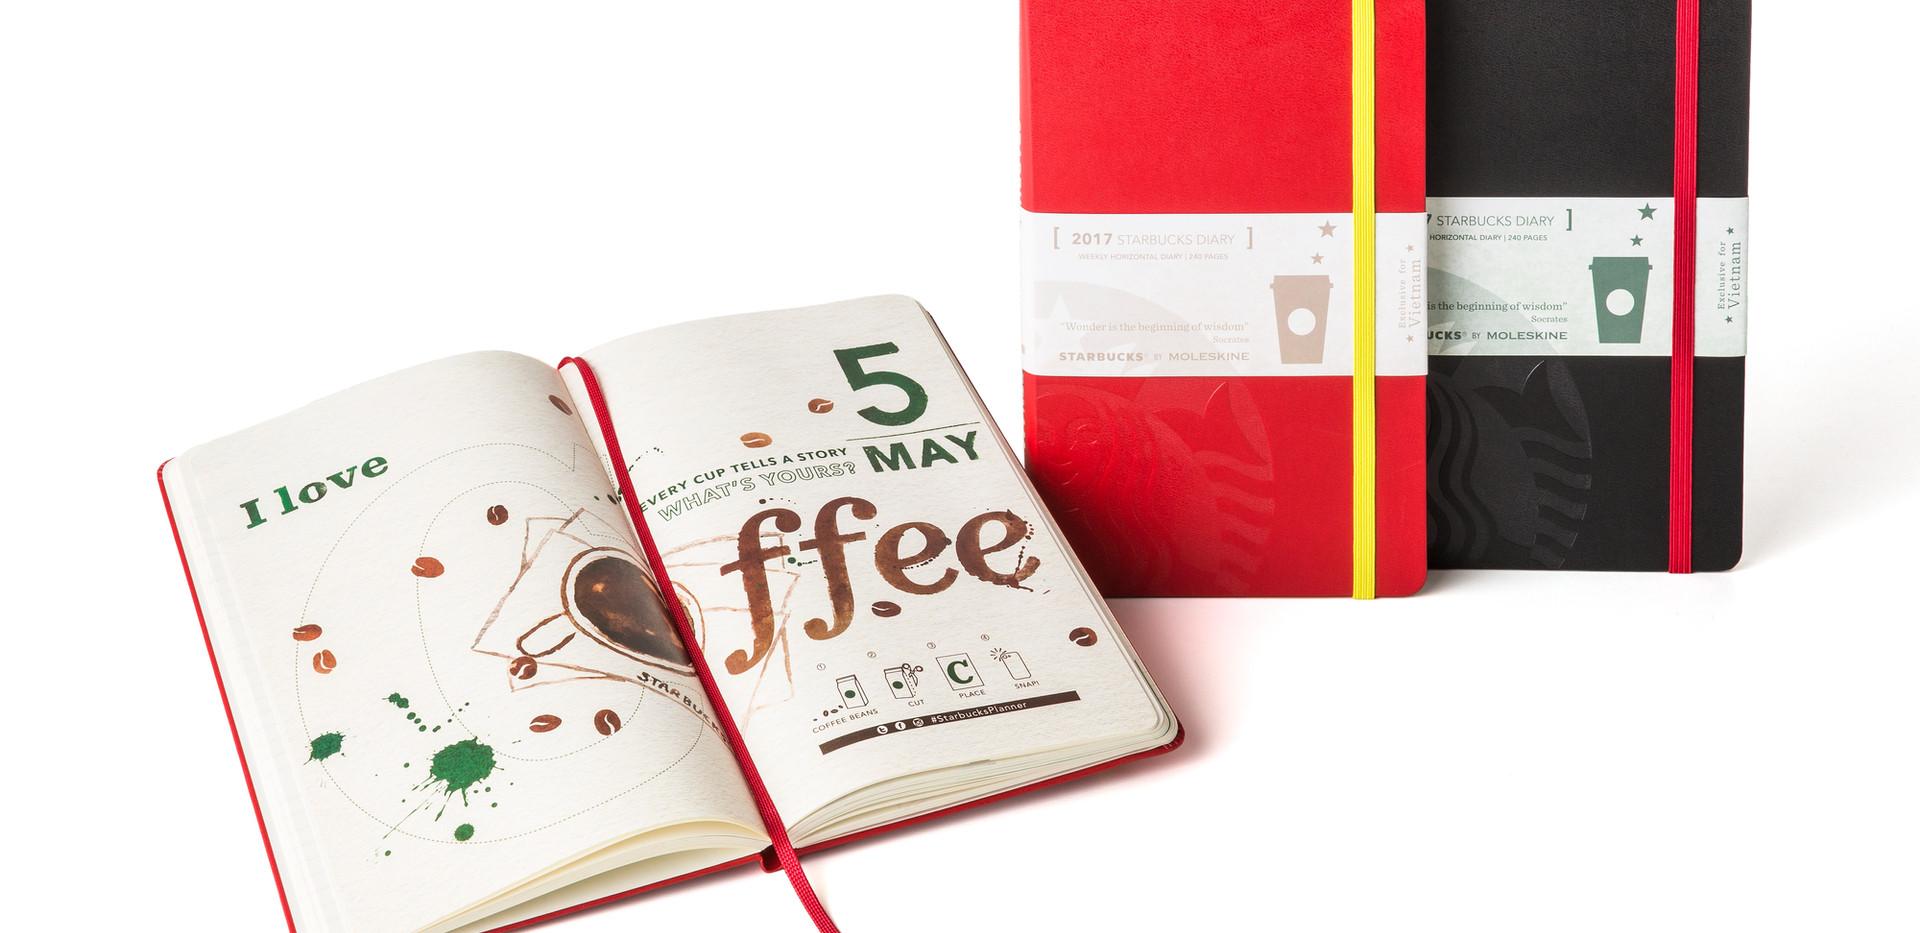 Prägung zur Veredelung der Starbucks-Notizbücher - Notizgold